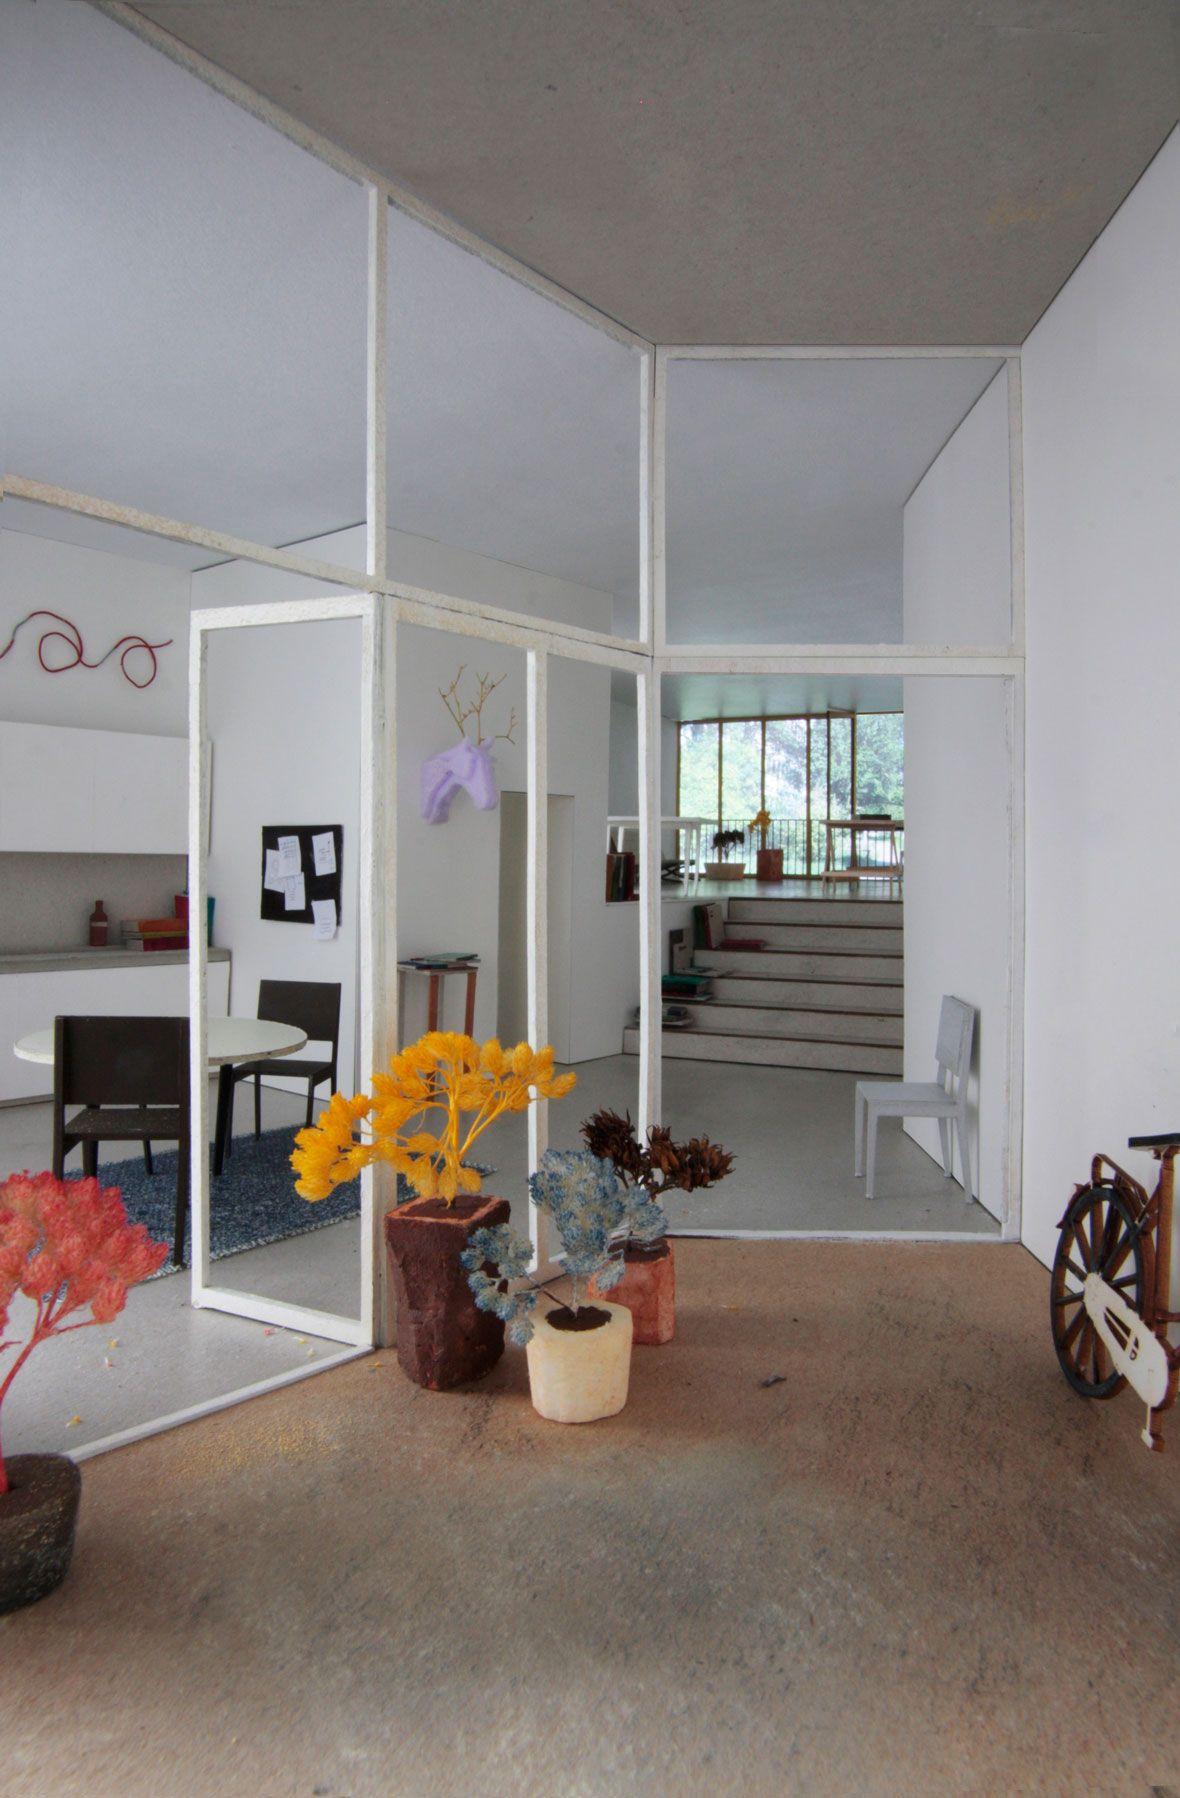 Atelier | architecture | Pinterest | Modell, Wohnideen und Einrichtung